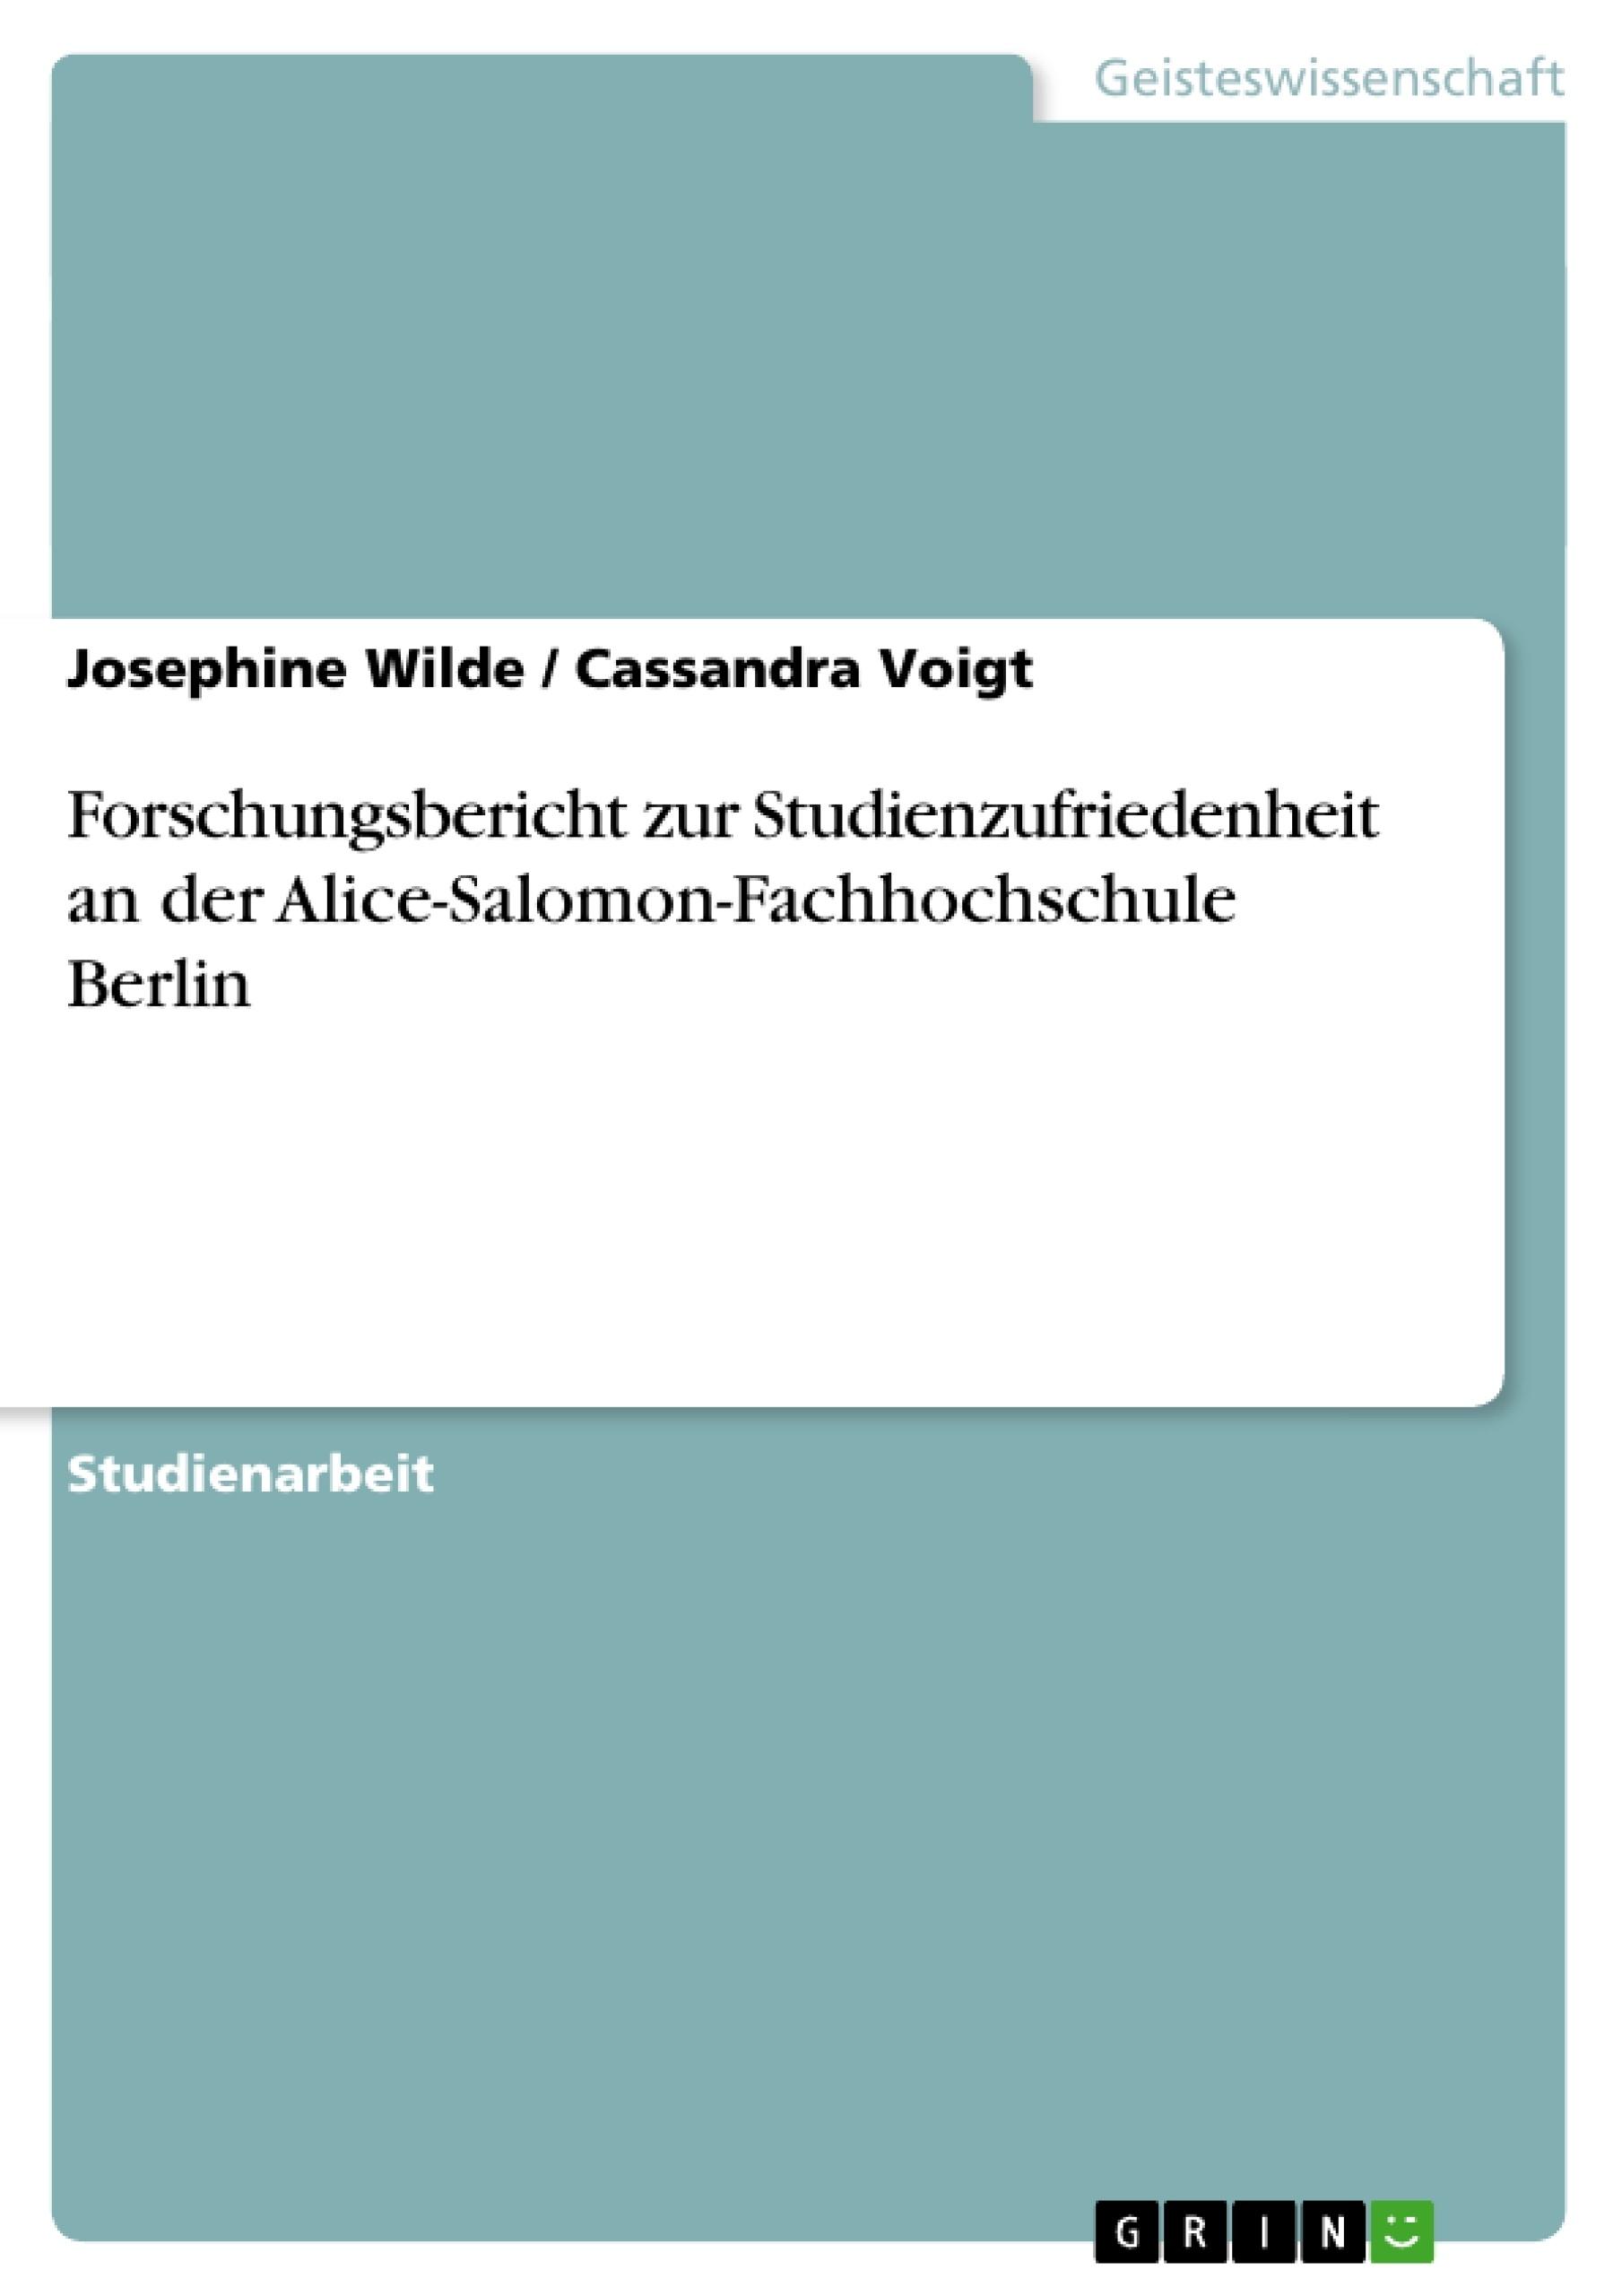 Titel: Forschungsbericht zur Studienzufriedenheit an der Alice-Salomon-Fachhochschule Berlin